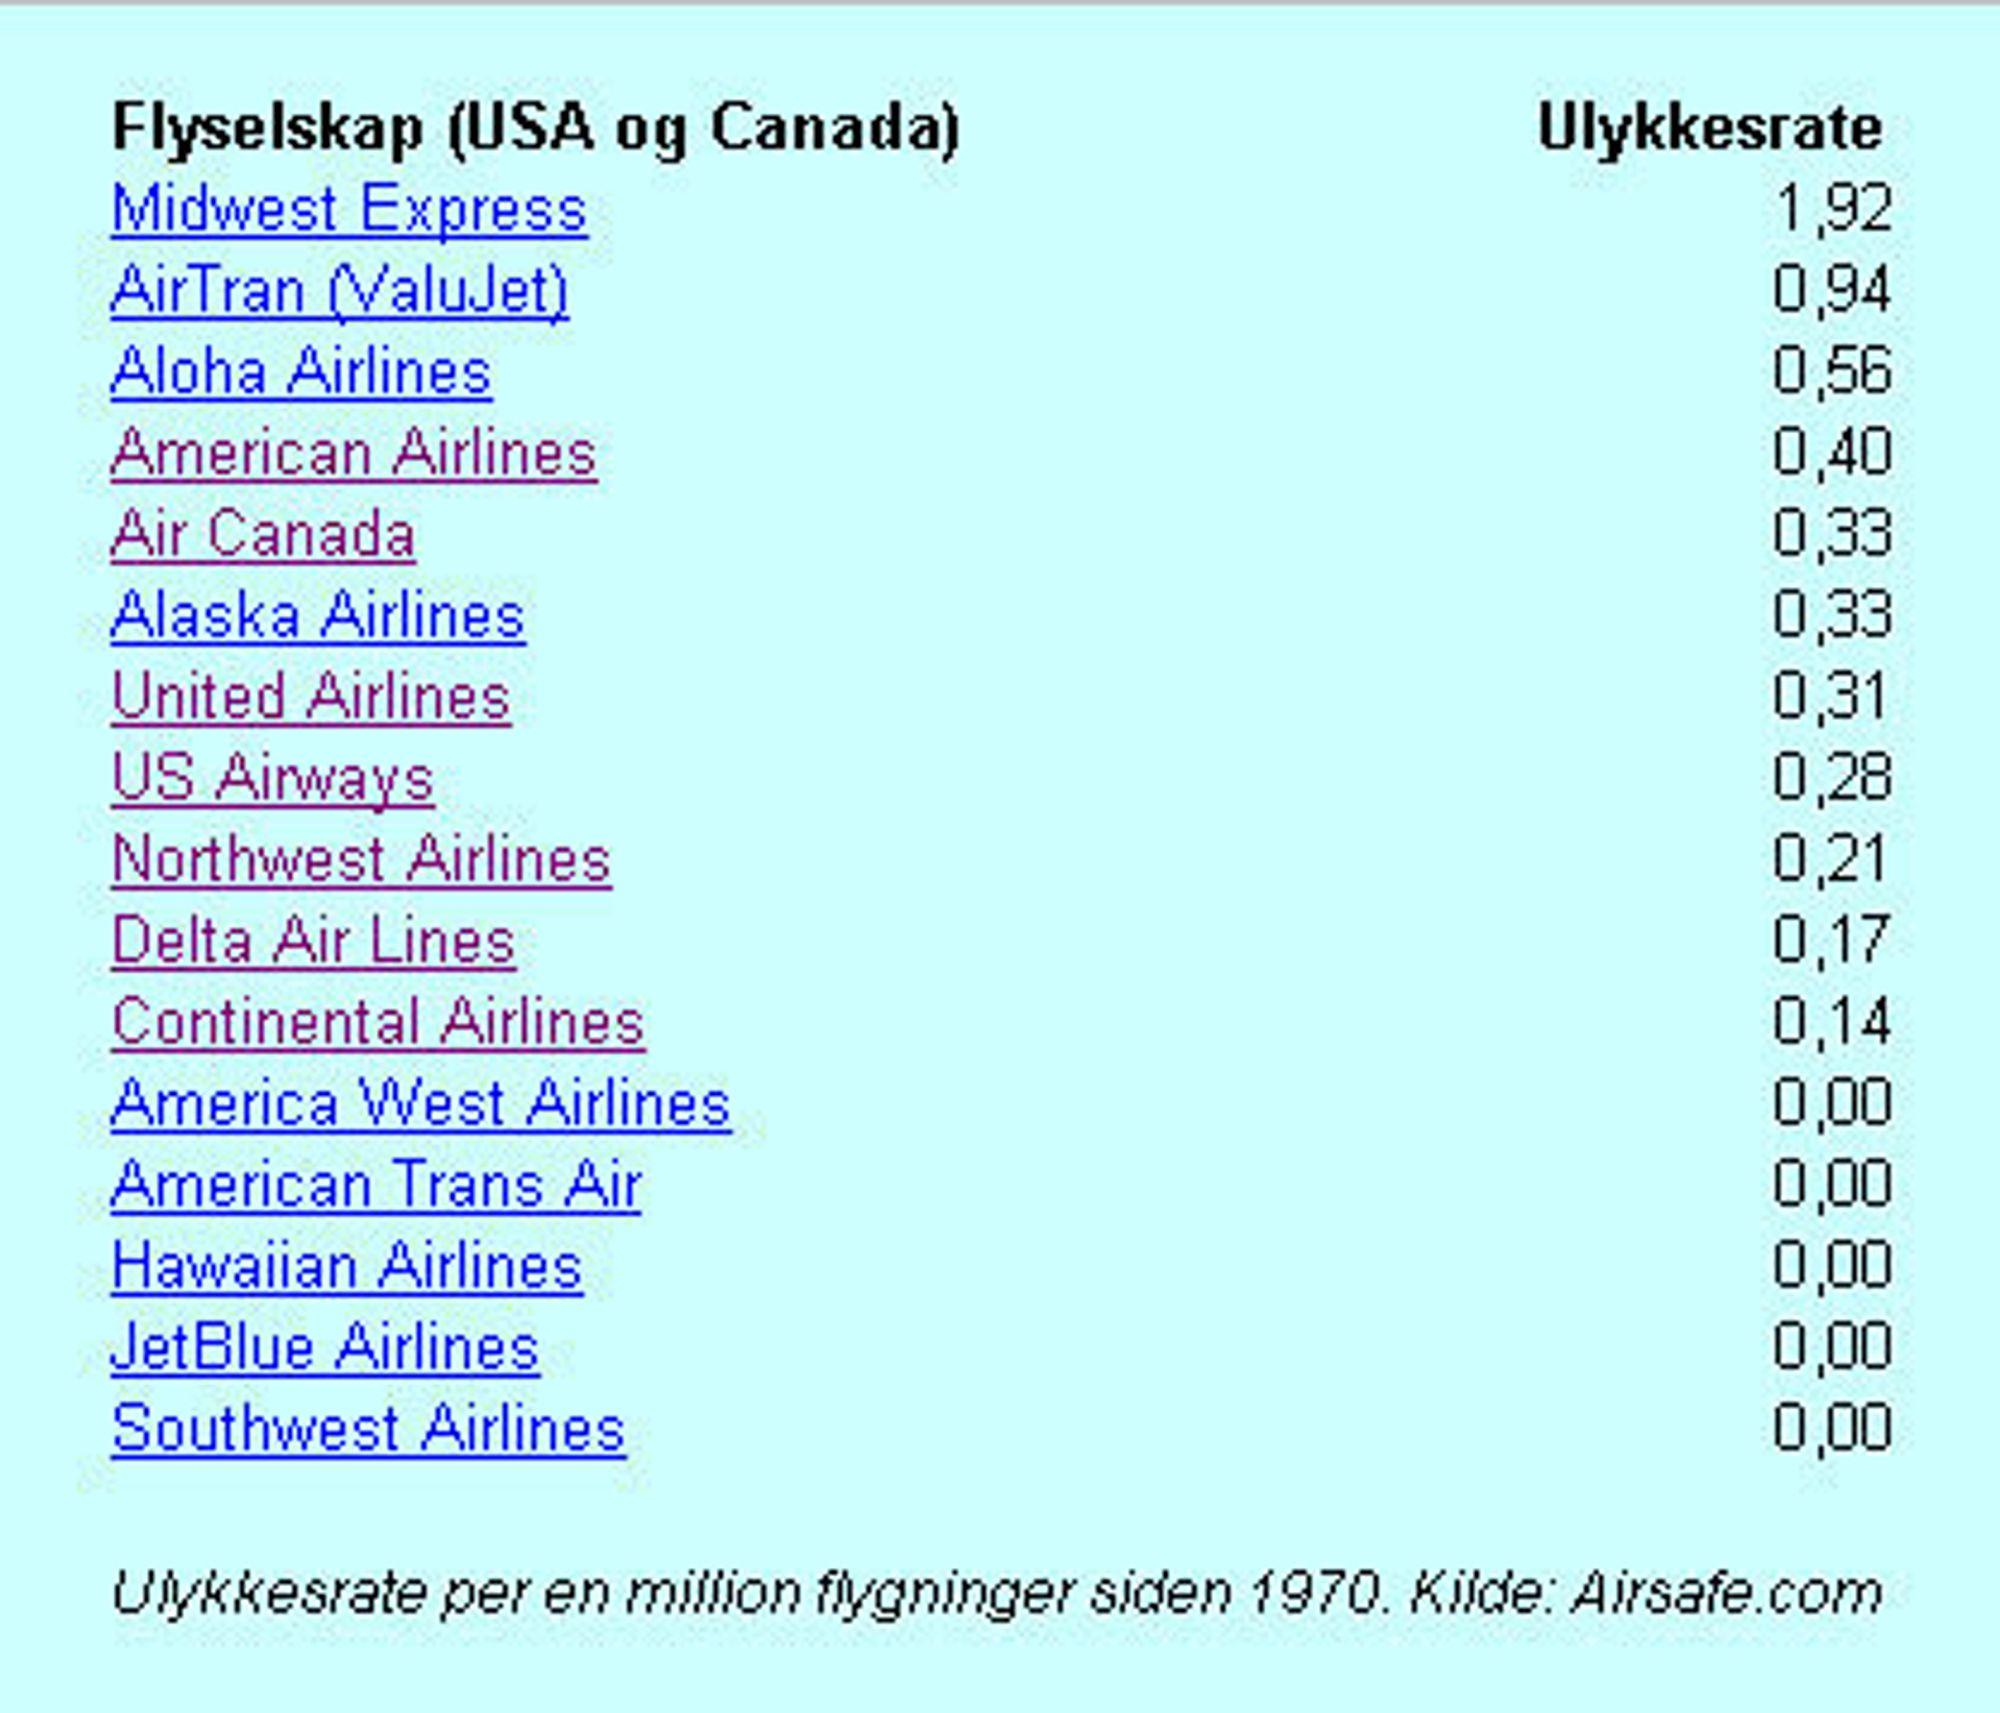 Flyselskaper i USA og Canada